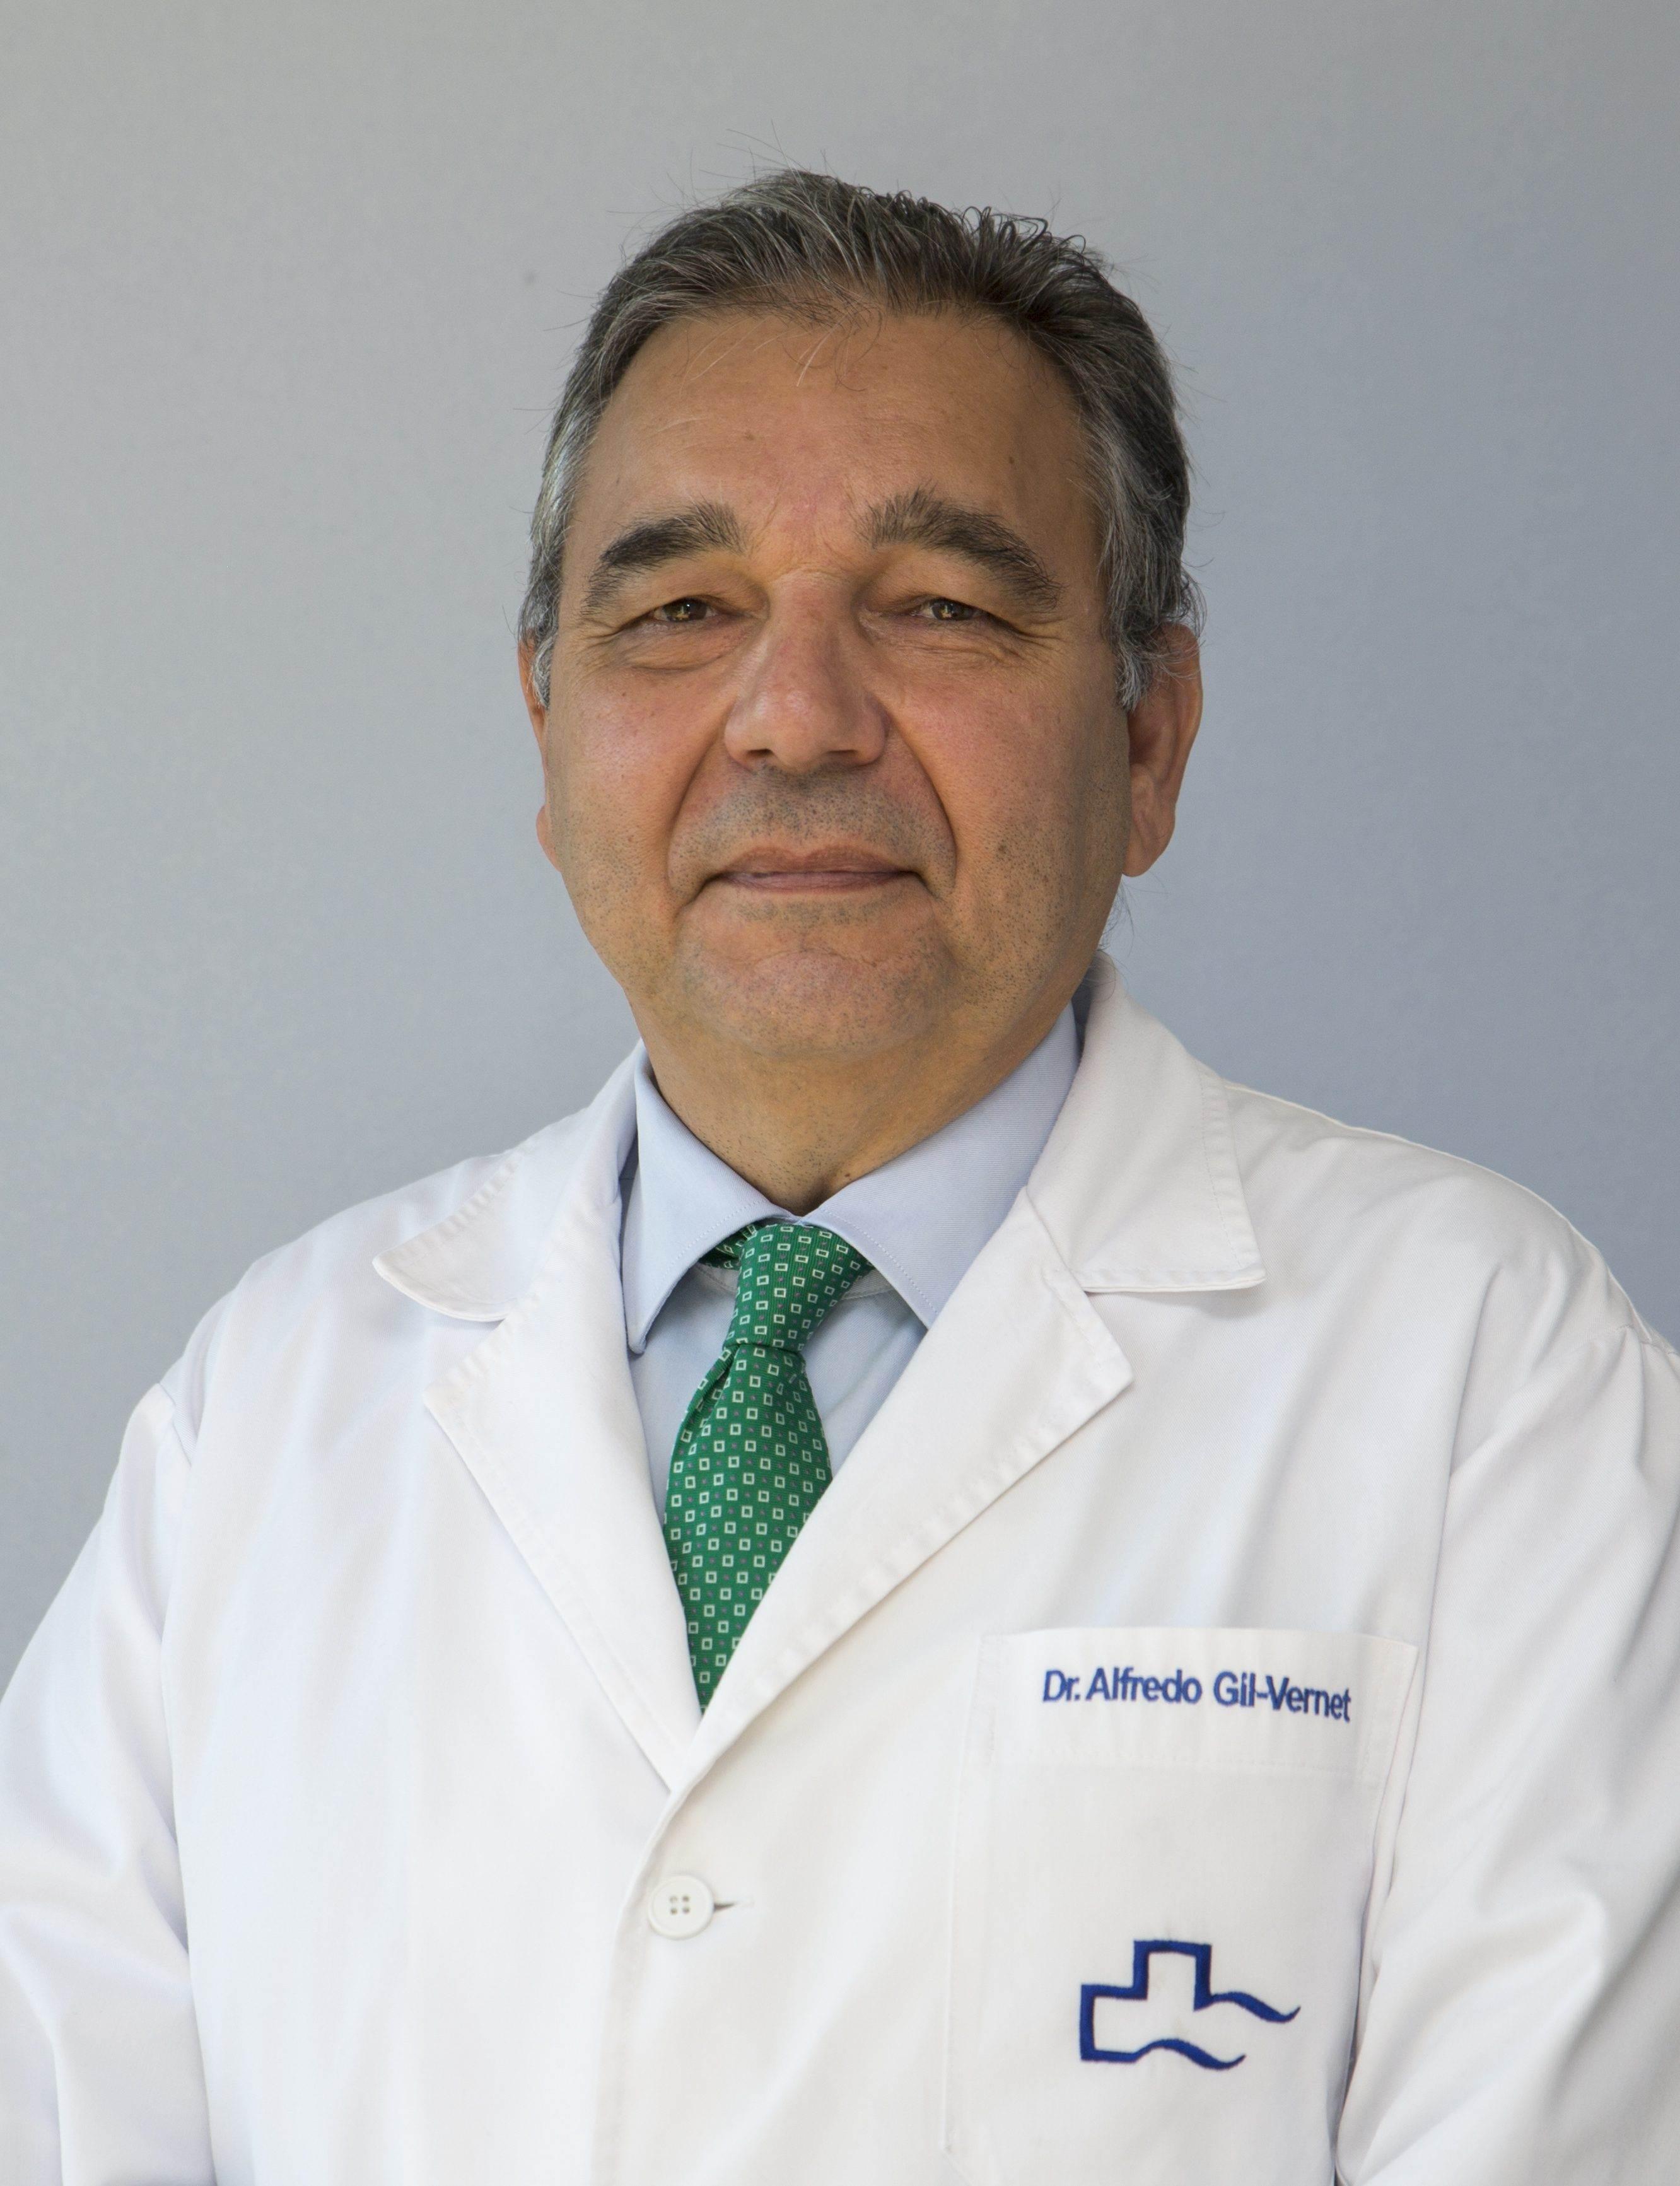 Dr Alfredo Gil-Vernet